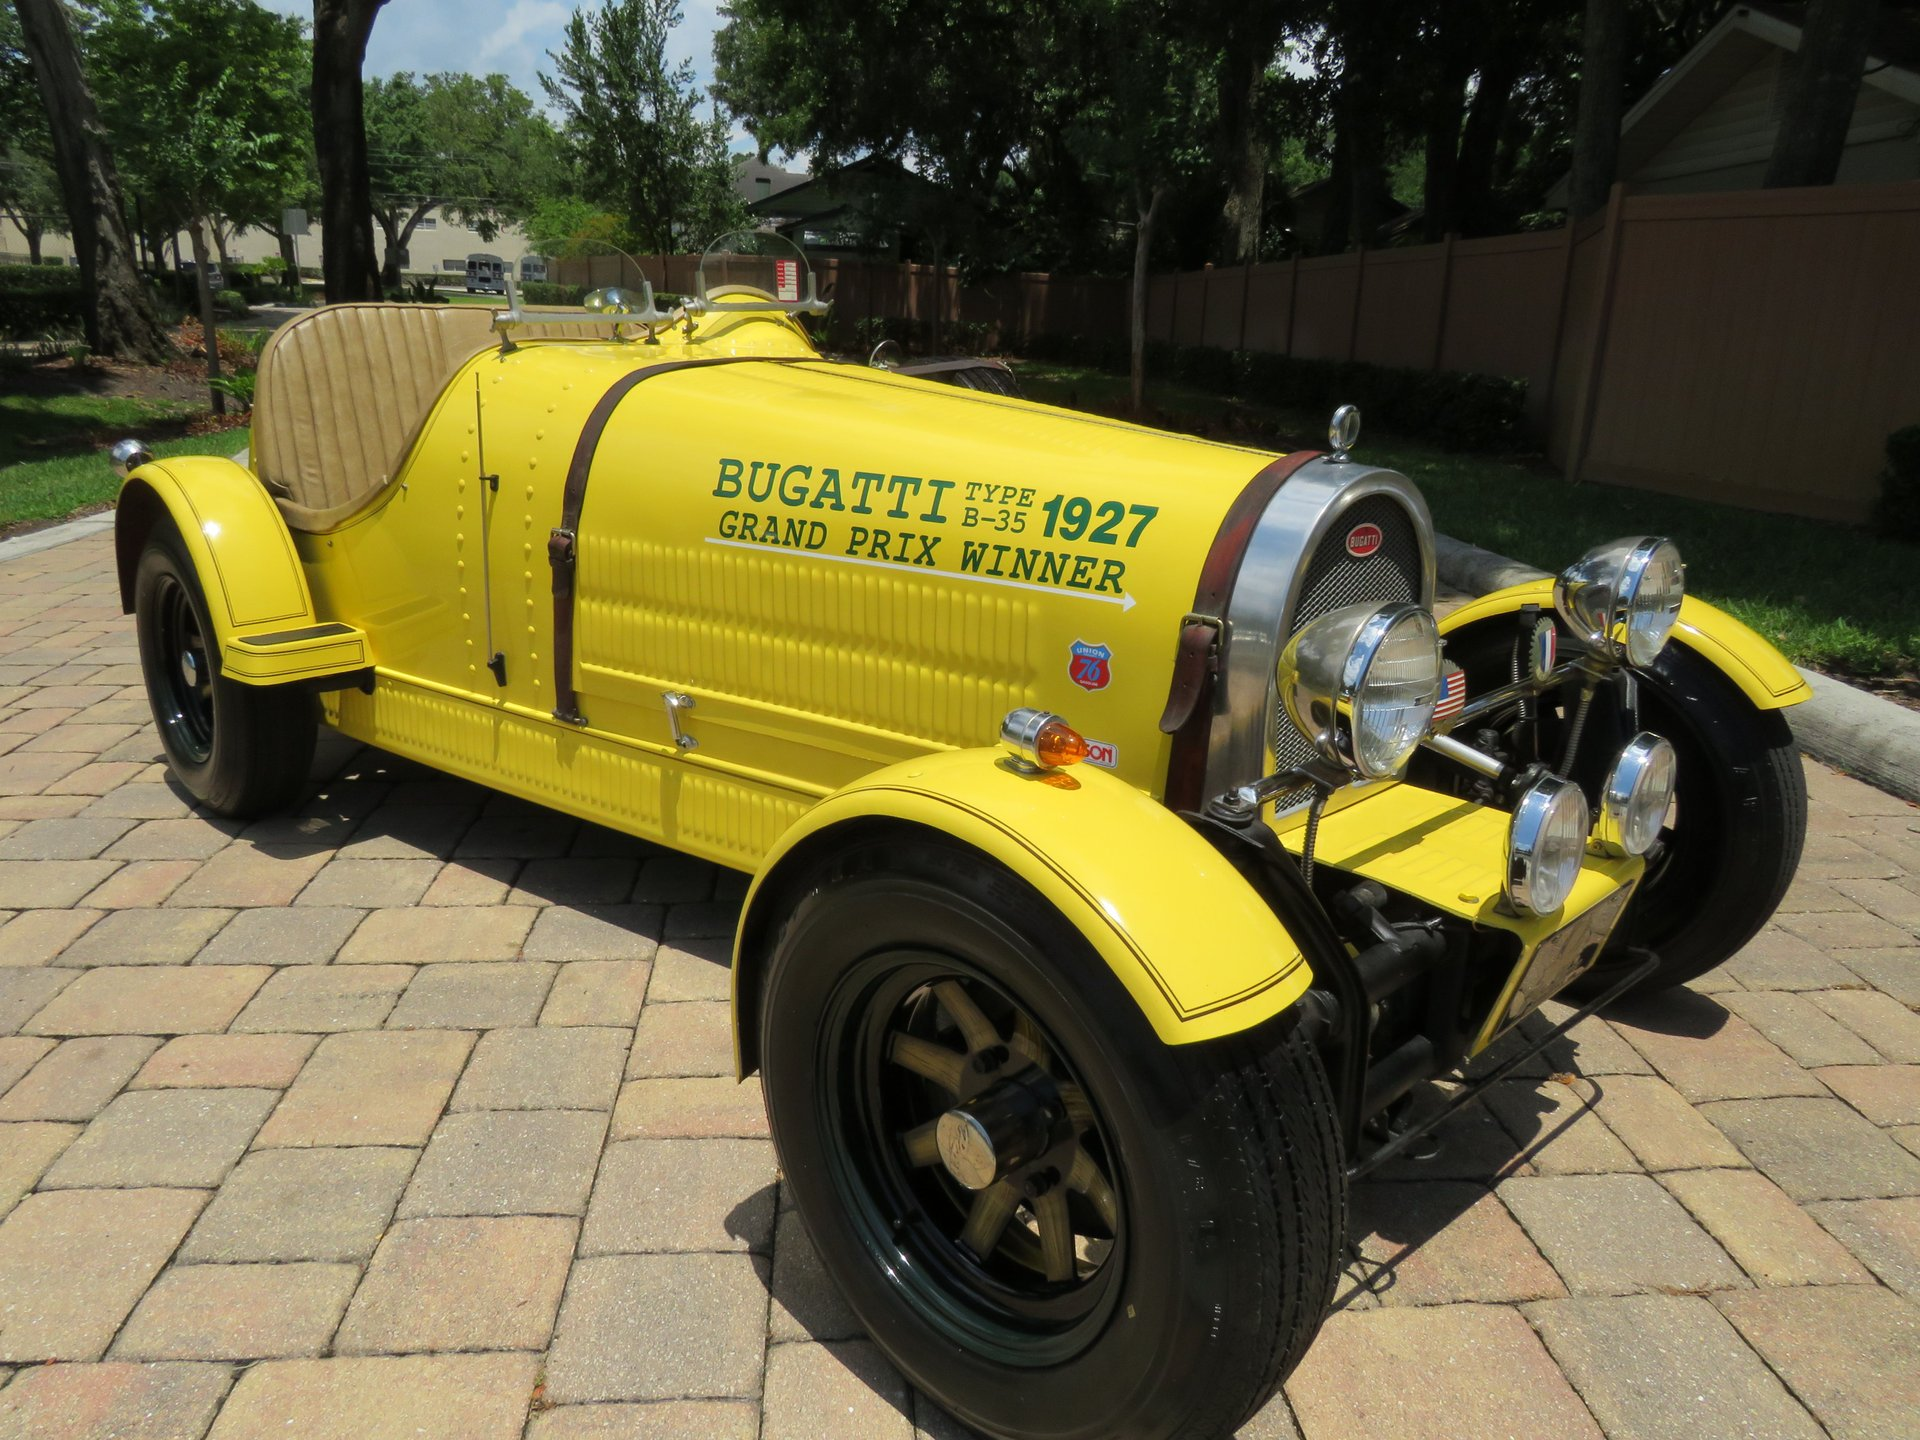 1927 bugatti replica